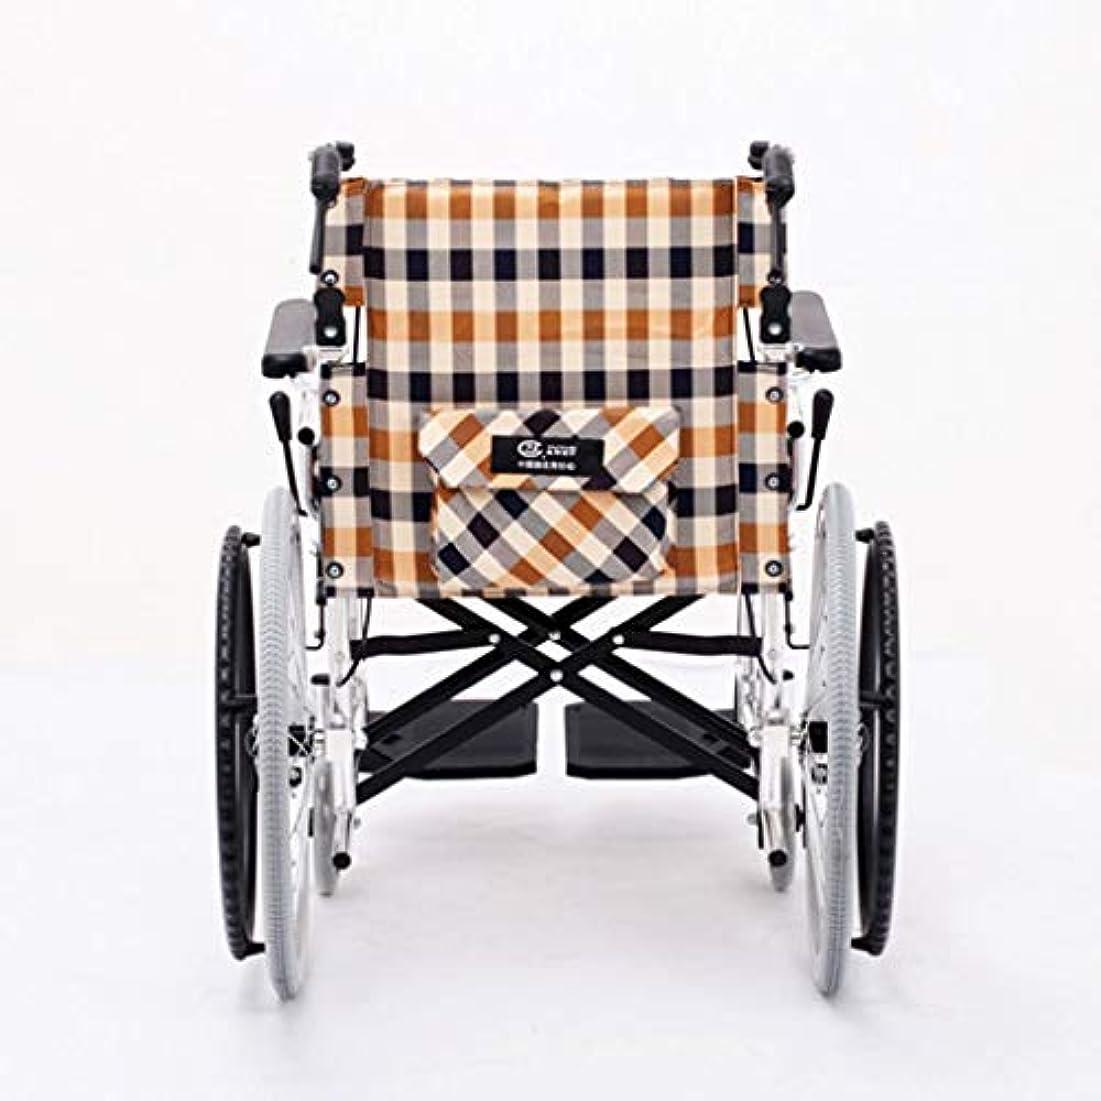 安らぎ影道車椅子のアルミニウムフレームの障害者、高齢者およびリハビリテーションの患者のための高齢者の携帯用旅行車椅子